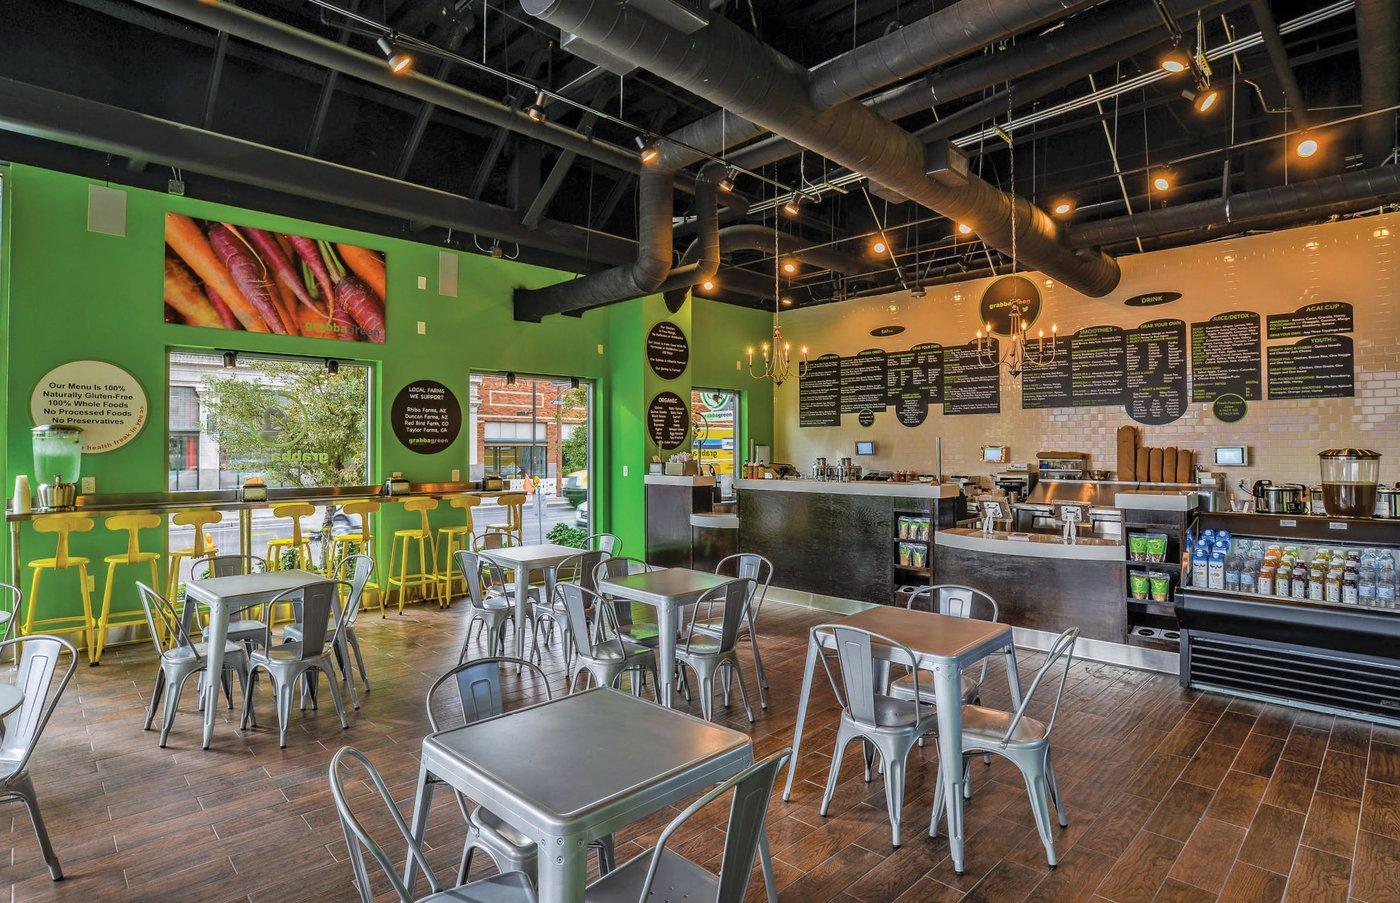 Grabba Green Dining Room